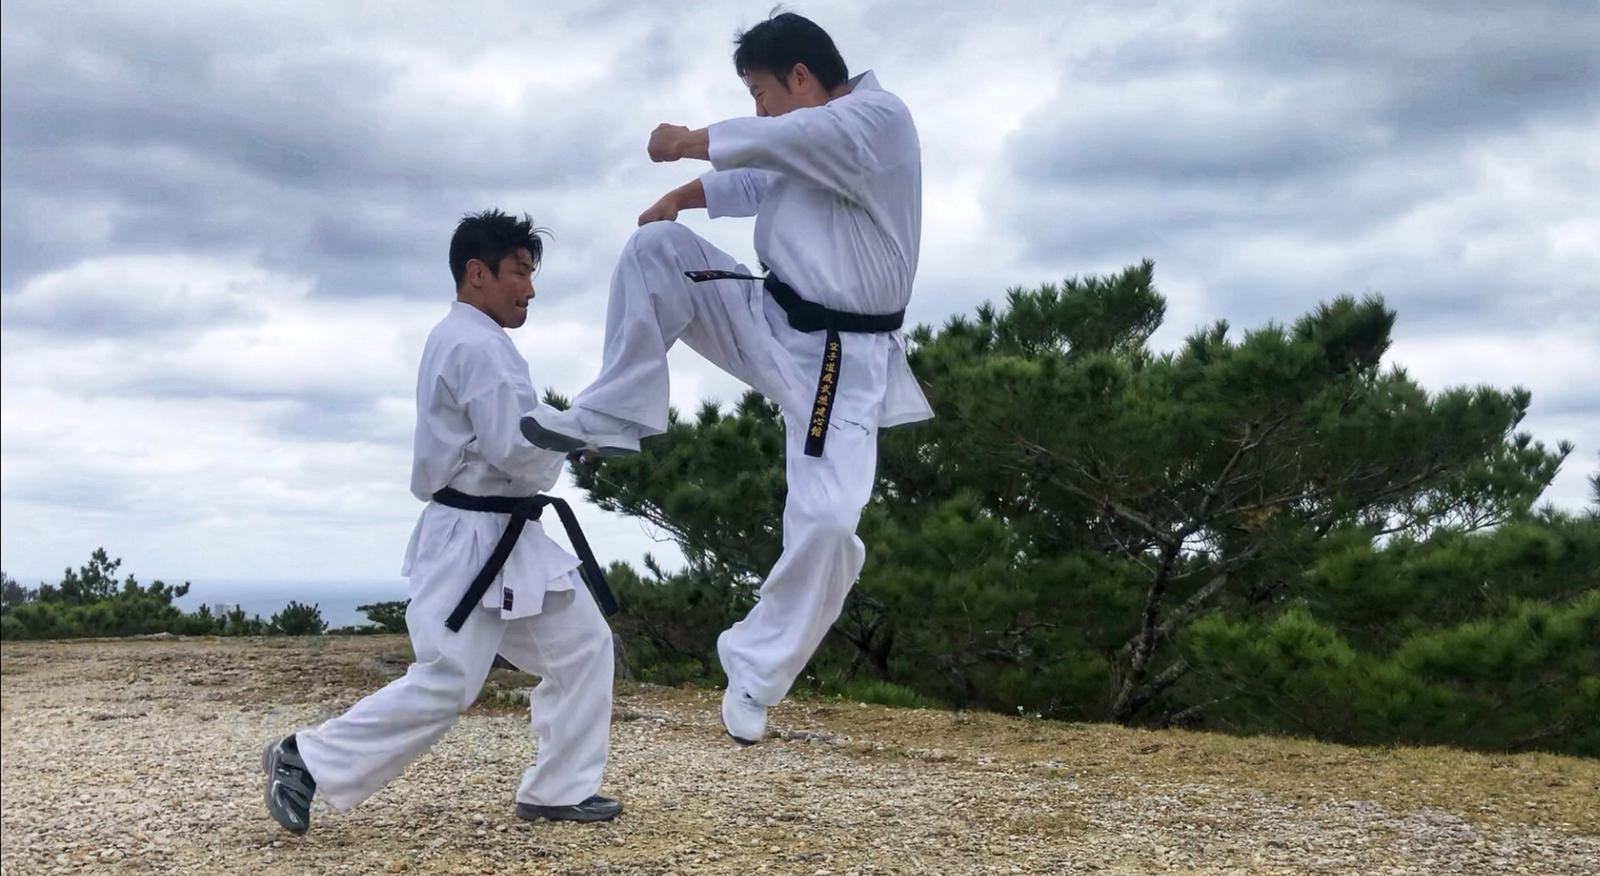 阿棠今次仲搵來兩屆K-1世界拳王魔娑斗參與演出,更有跟他對打戲份。